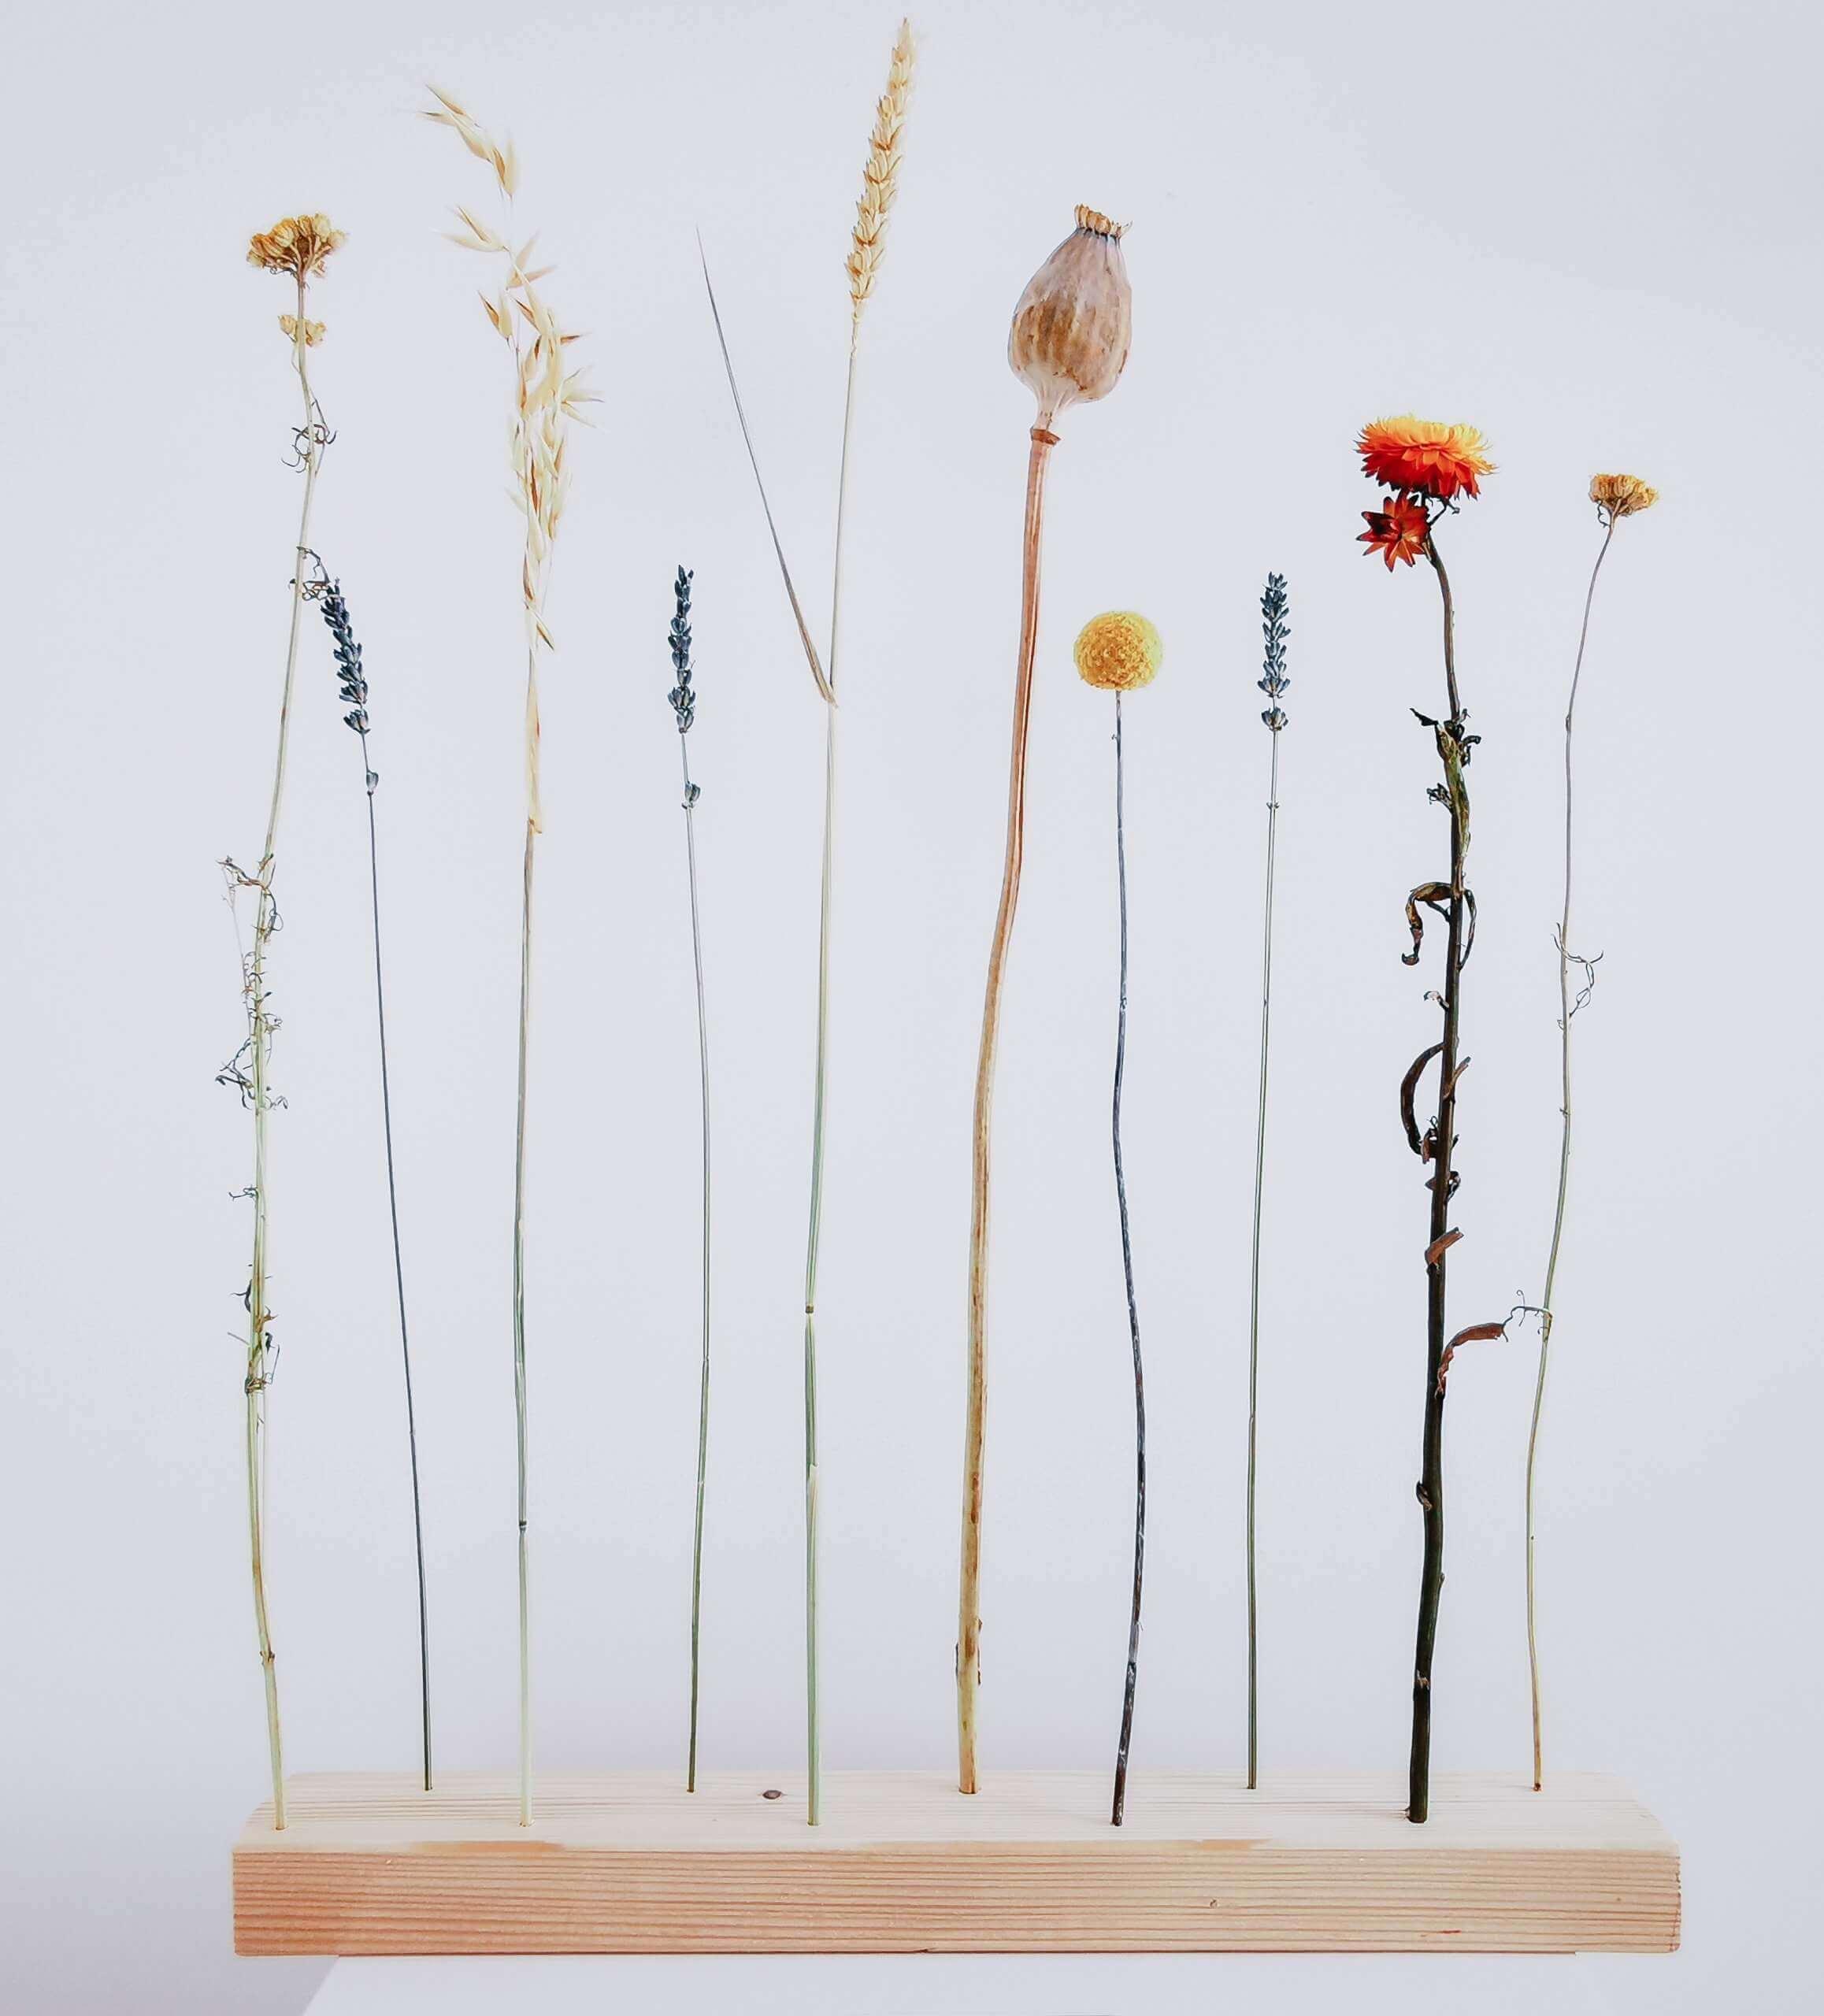 IMG 20200602 110643 01 scaled - DIY kvetinková dekorácia, ktorú si zamilujete